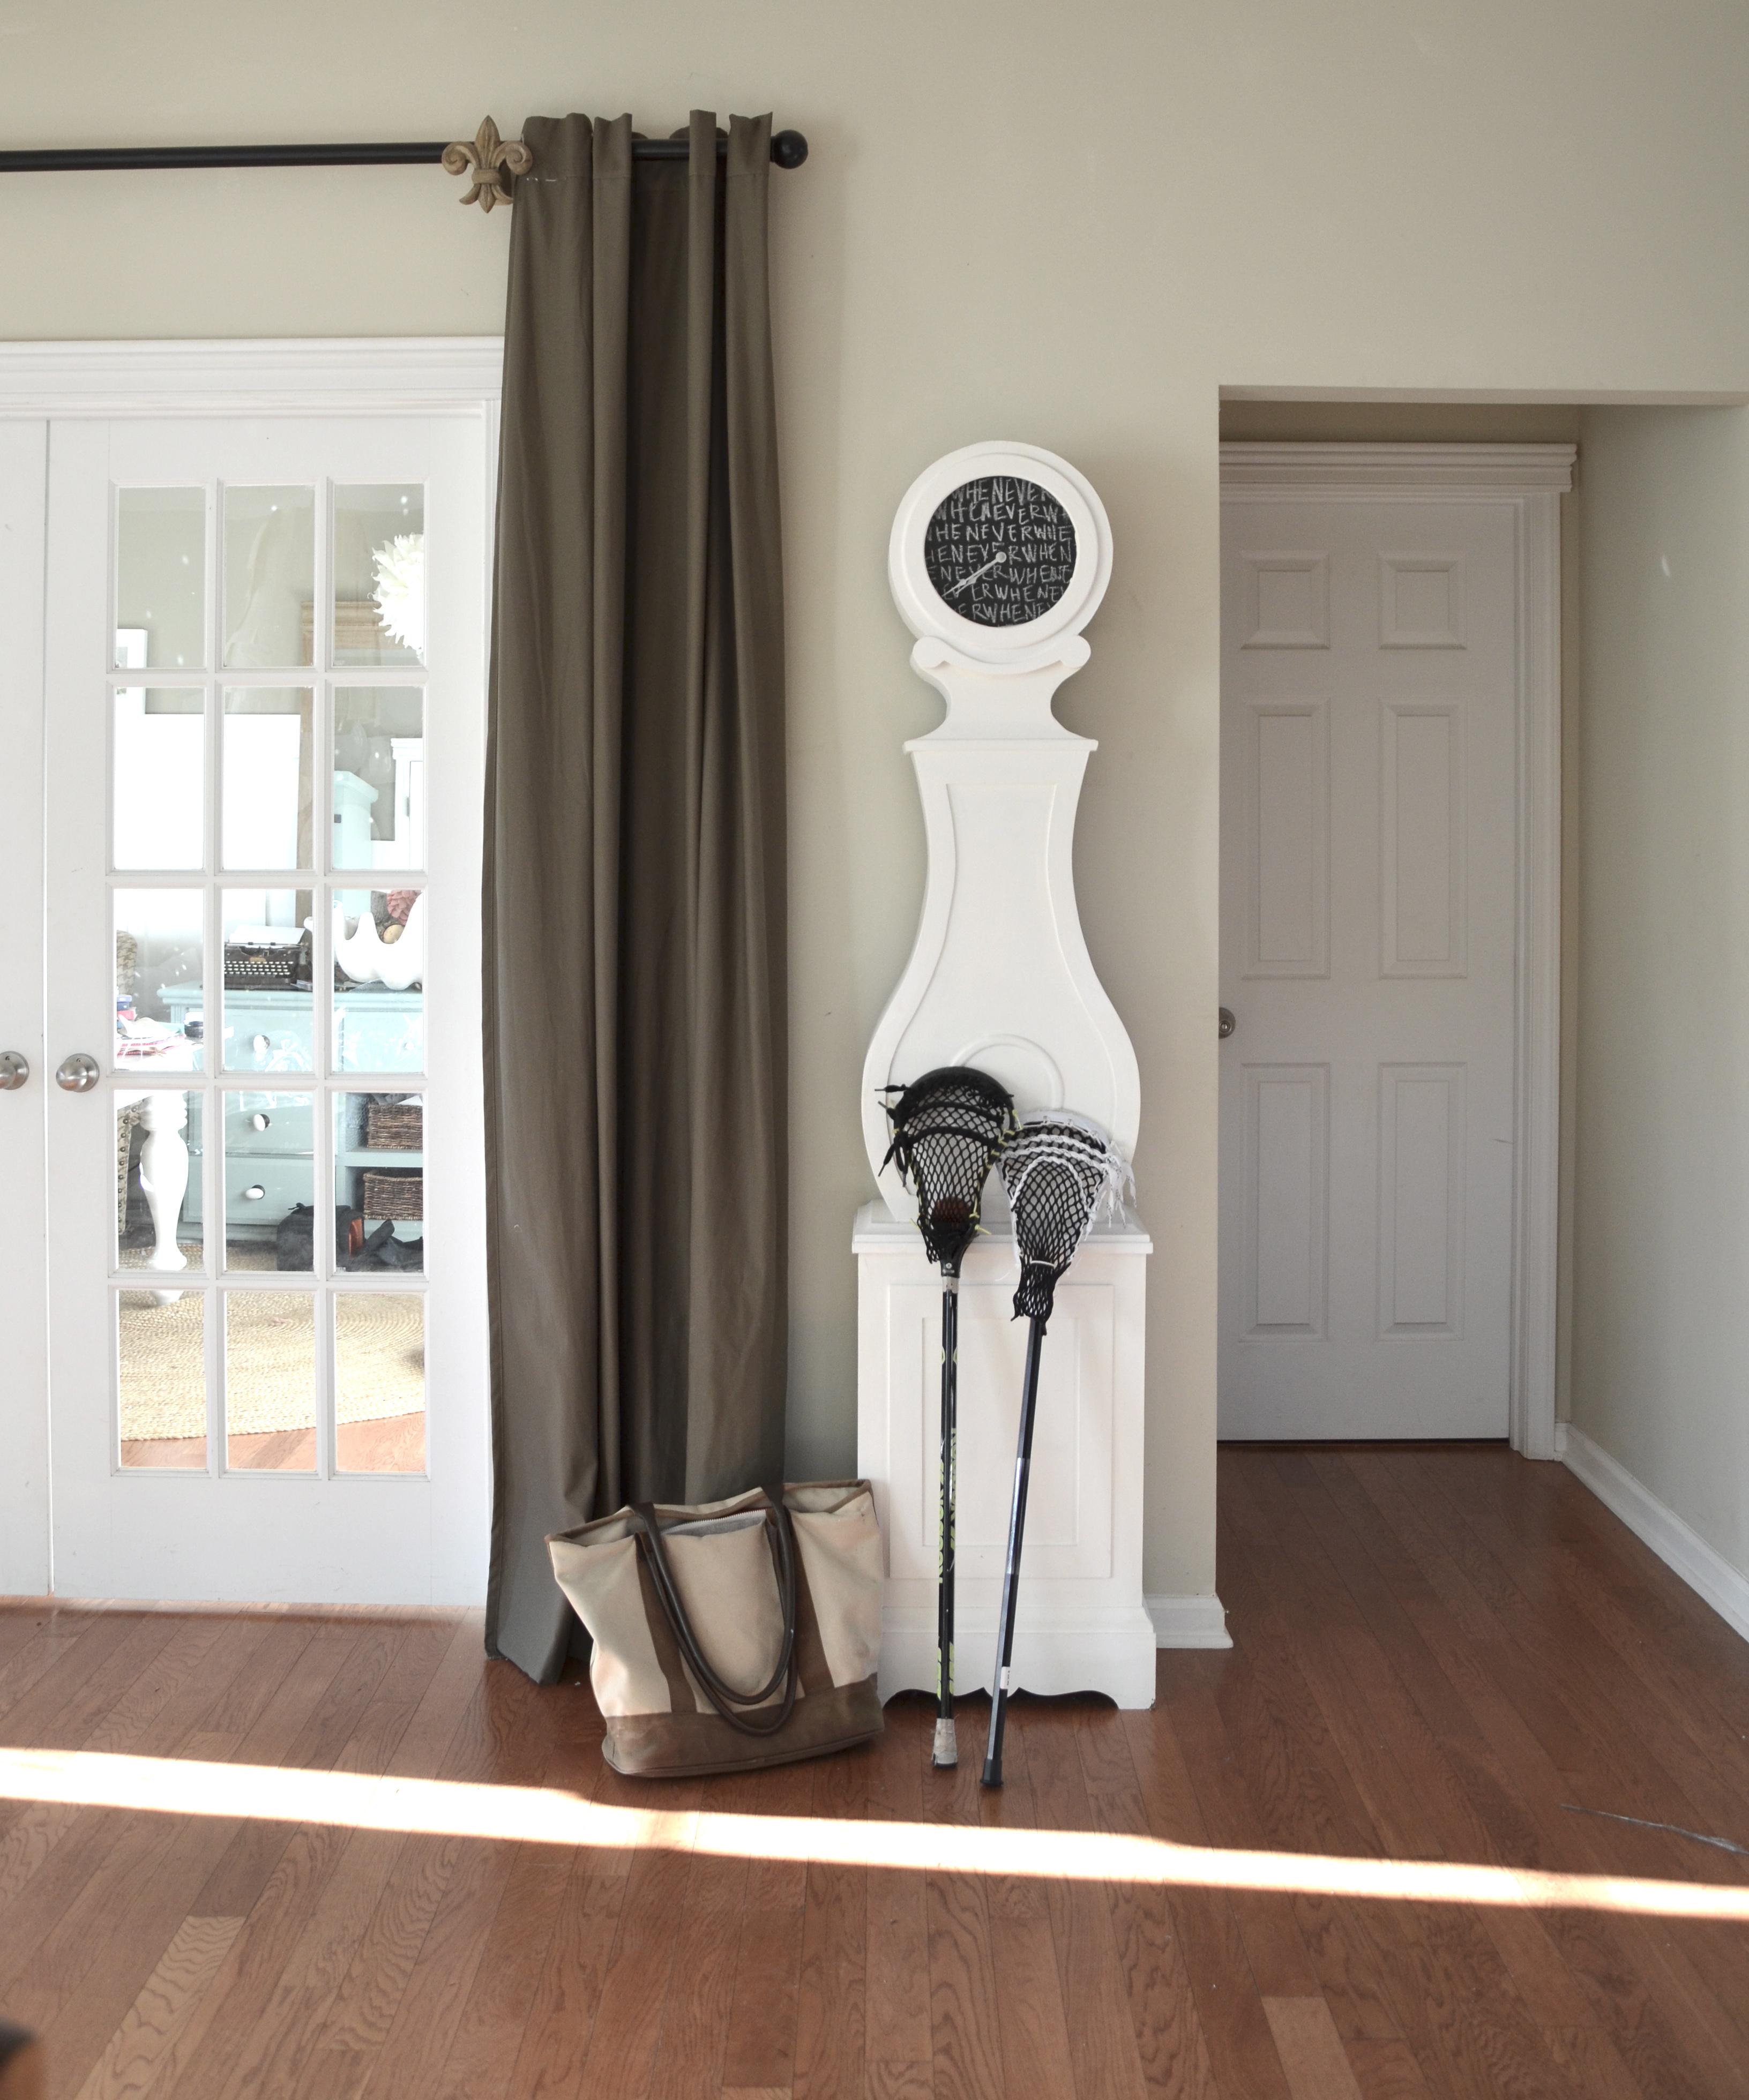 Ha ha hanging curtains interior design - Ha Ha Hanging Curtains Interior Design